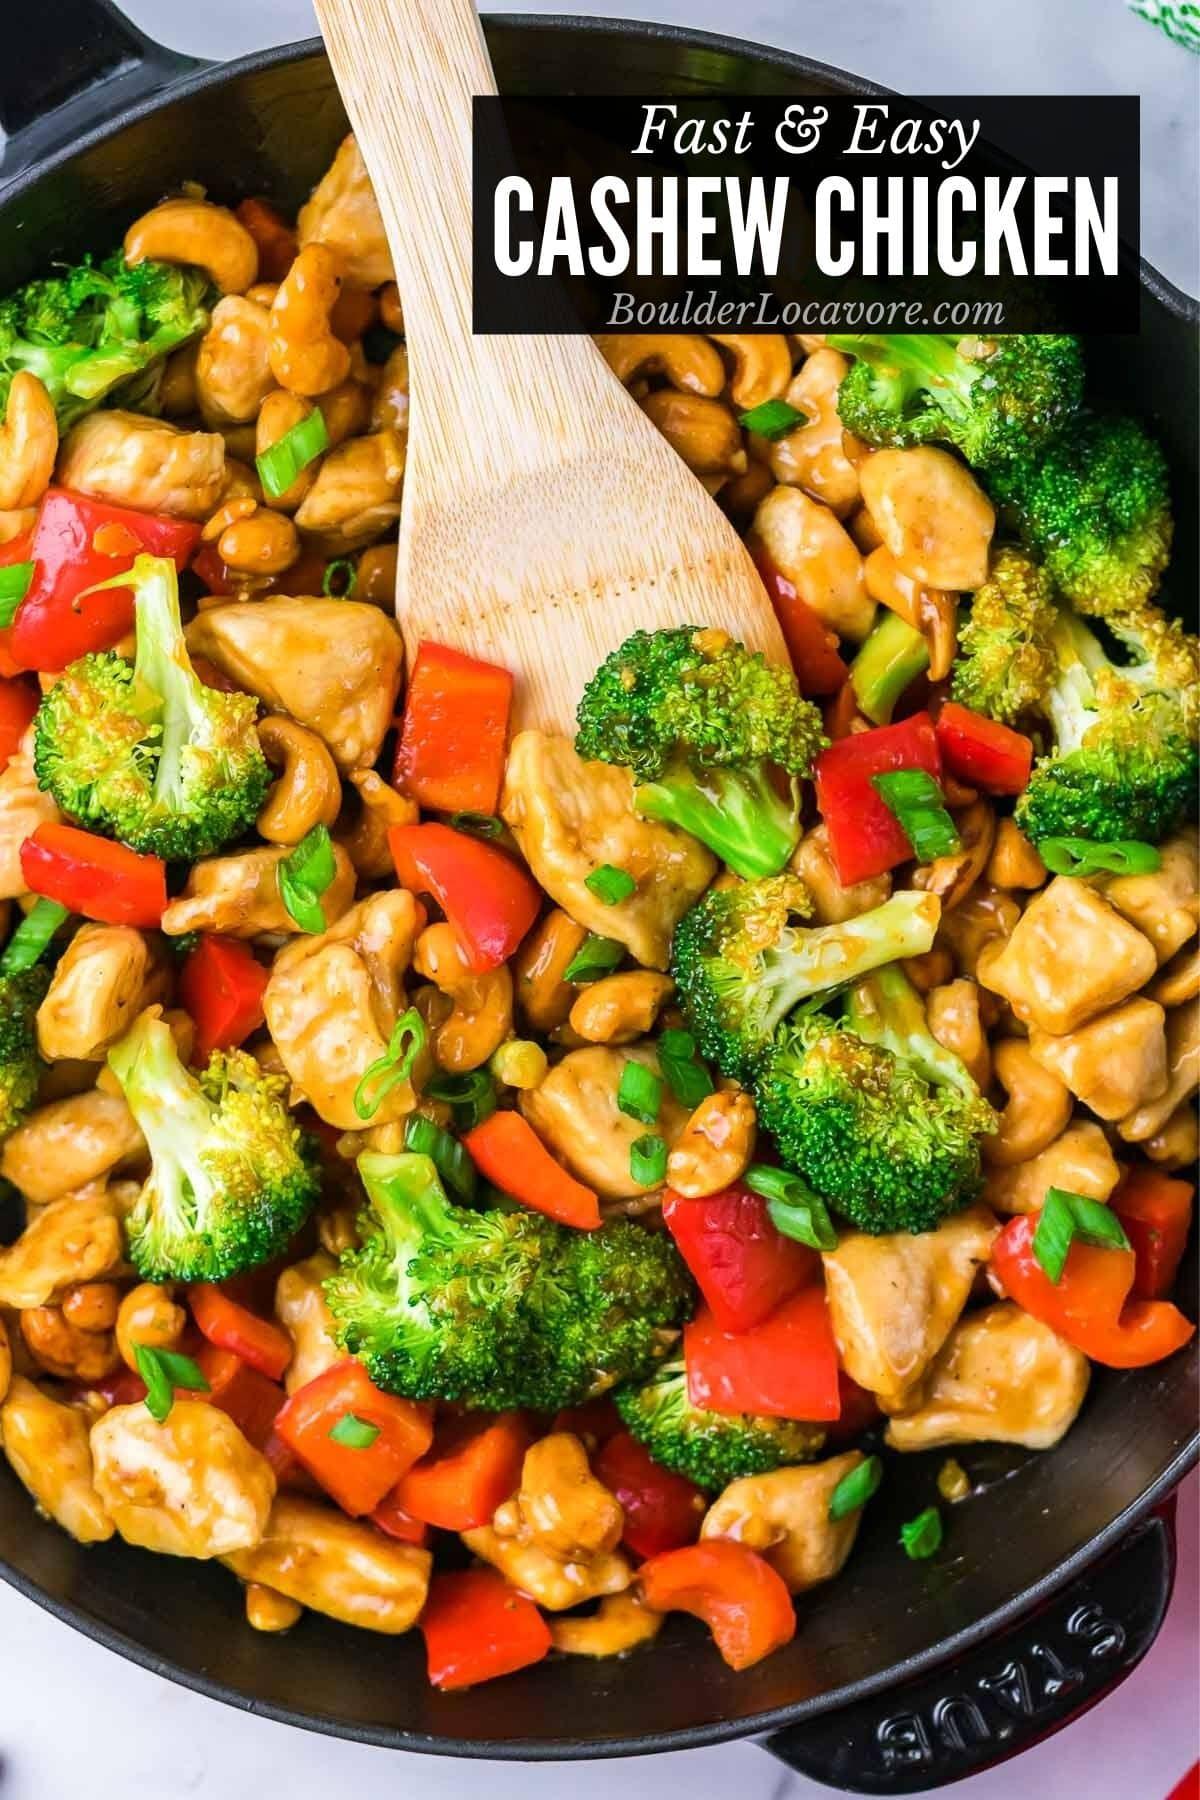 Cashew Chicken title image